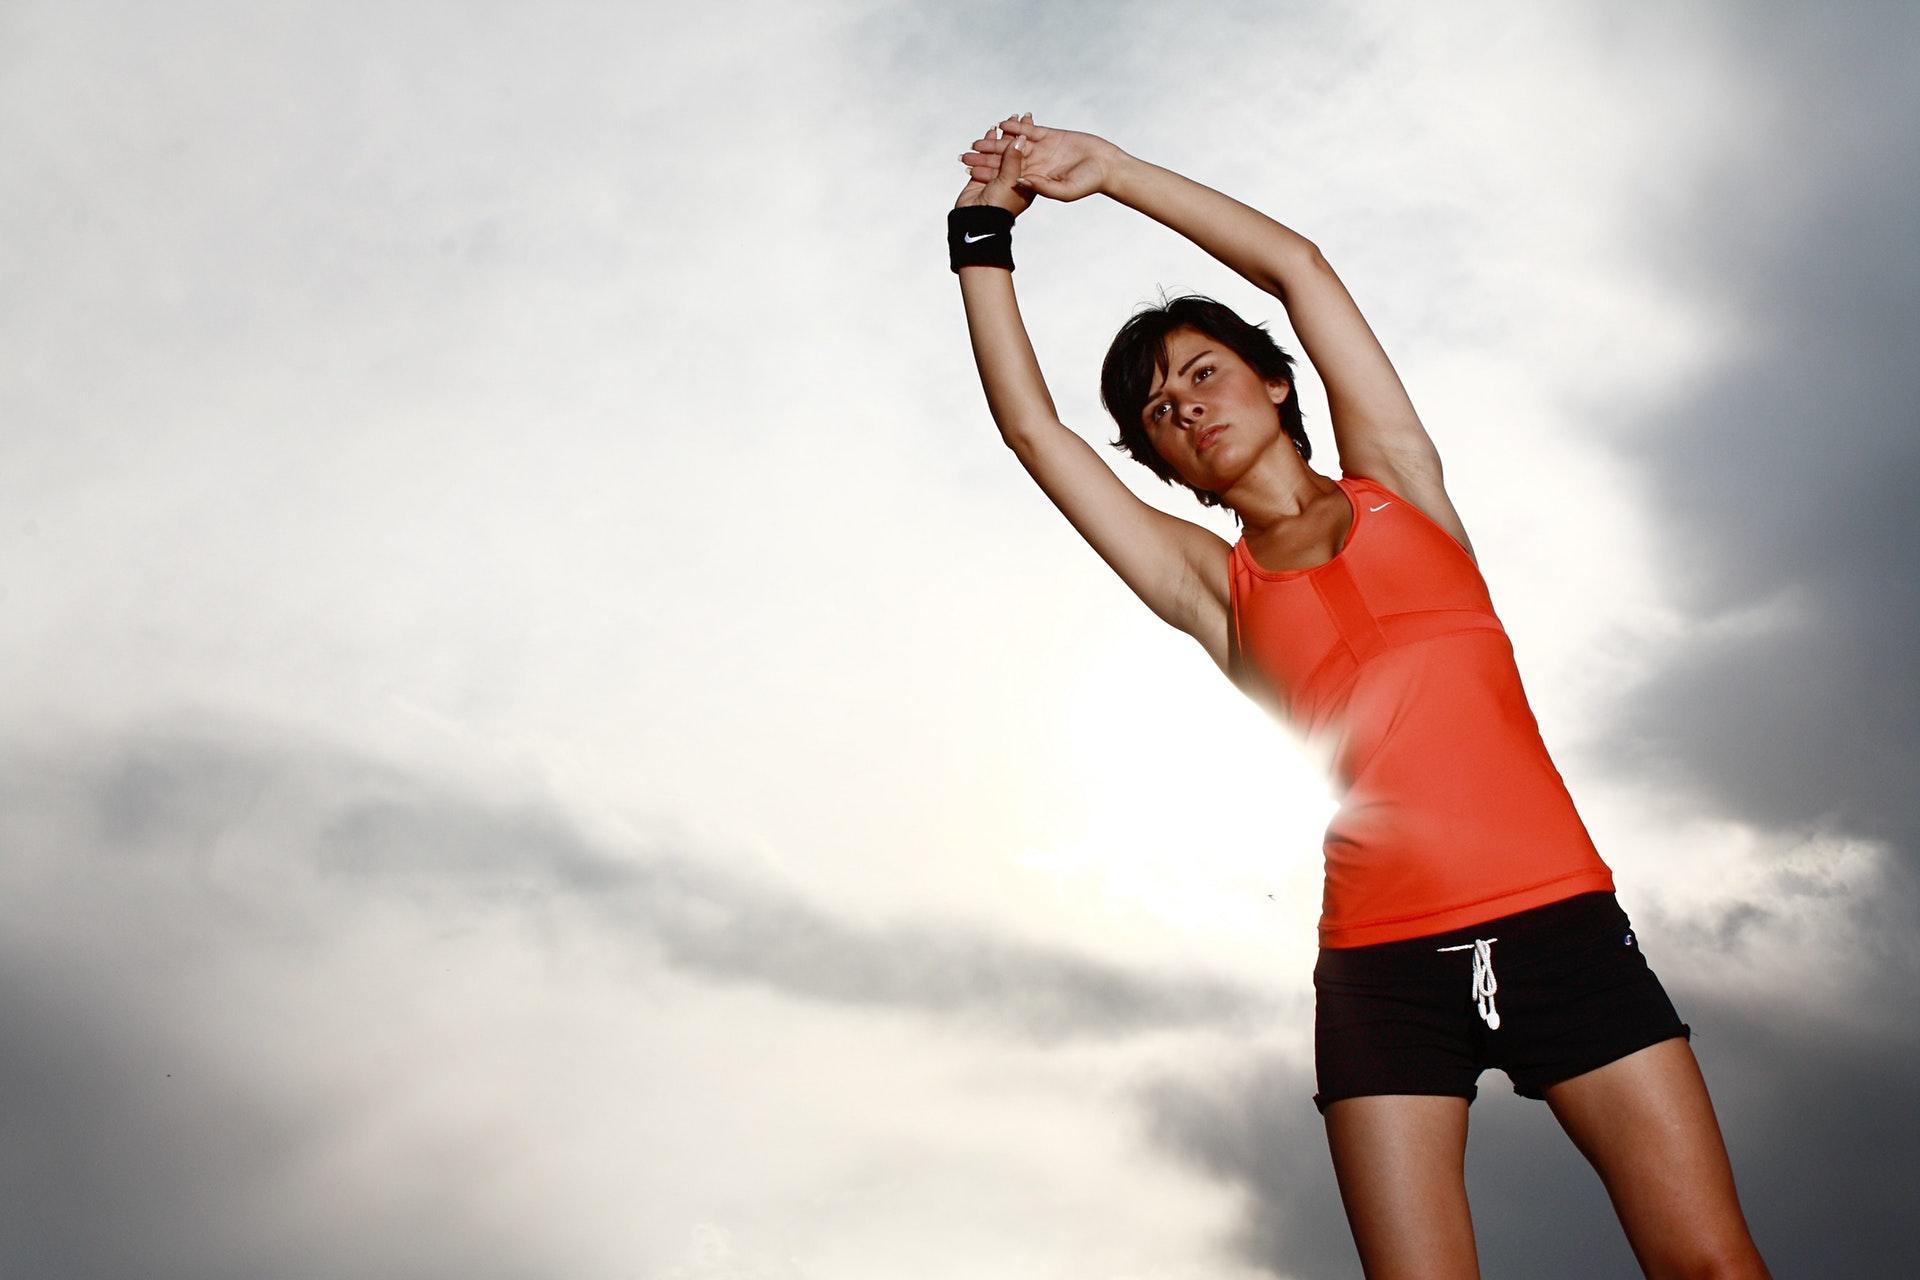 ejercicios contra el cáncer de mama.jpeg